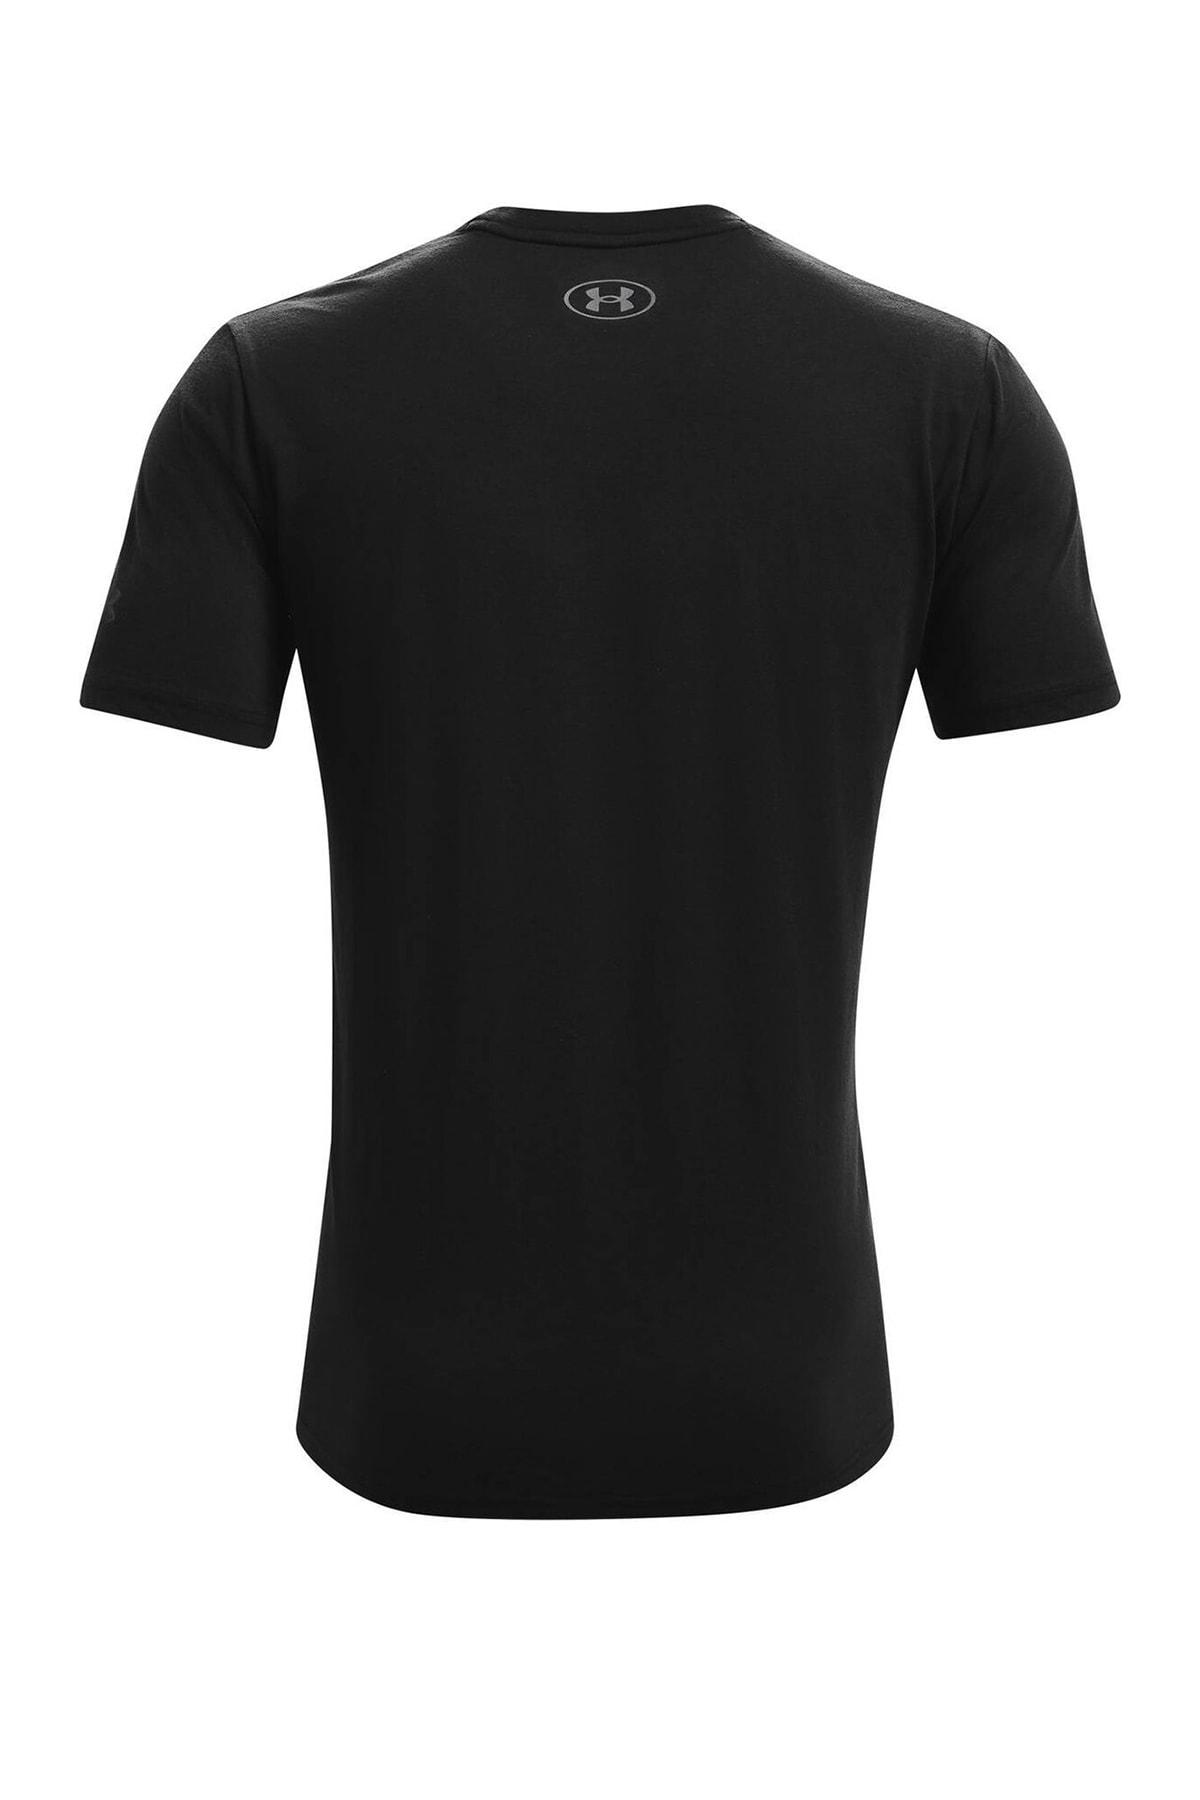 Under Armour Erkek Spor T-Shirt - UA Pjt Rock Brahma Bull SS - 1361733-001 2